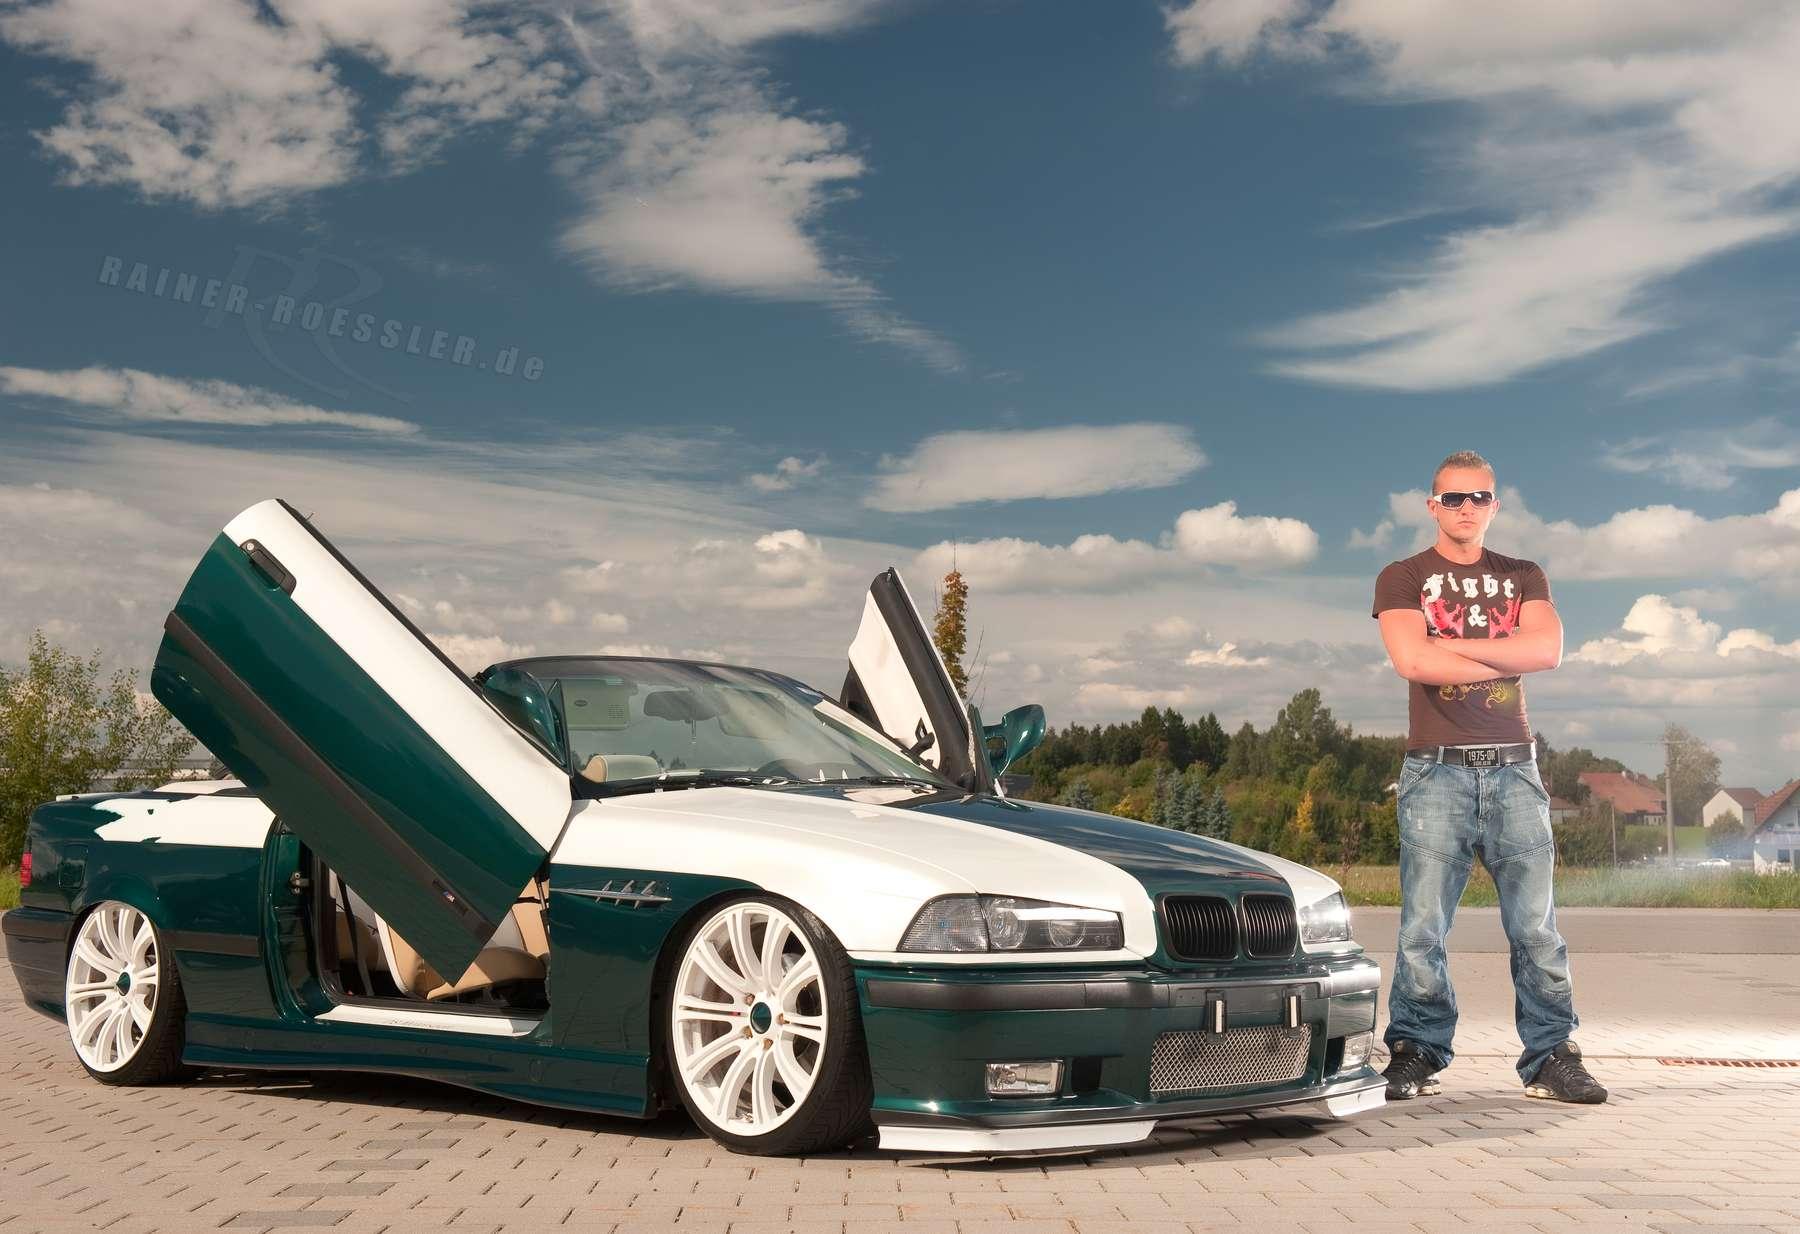 Hübscher Mann steht neben seinem edel-getunten BMW Automobil. Beim Fotoshooting mit Fotograf Rainer Rössler